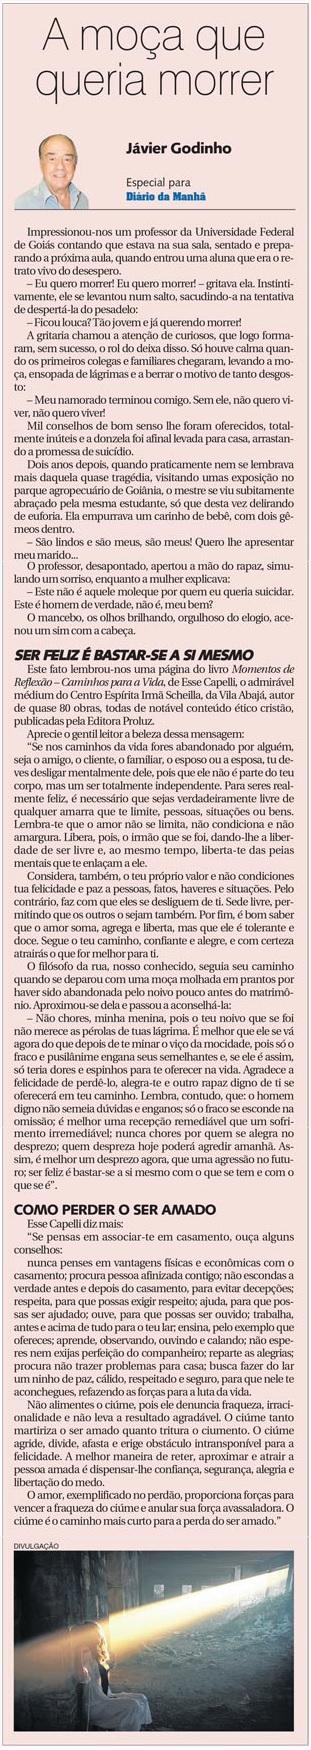 DM 27-08-2014 - A moça que queria morrer - Jávier Godinho